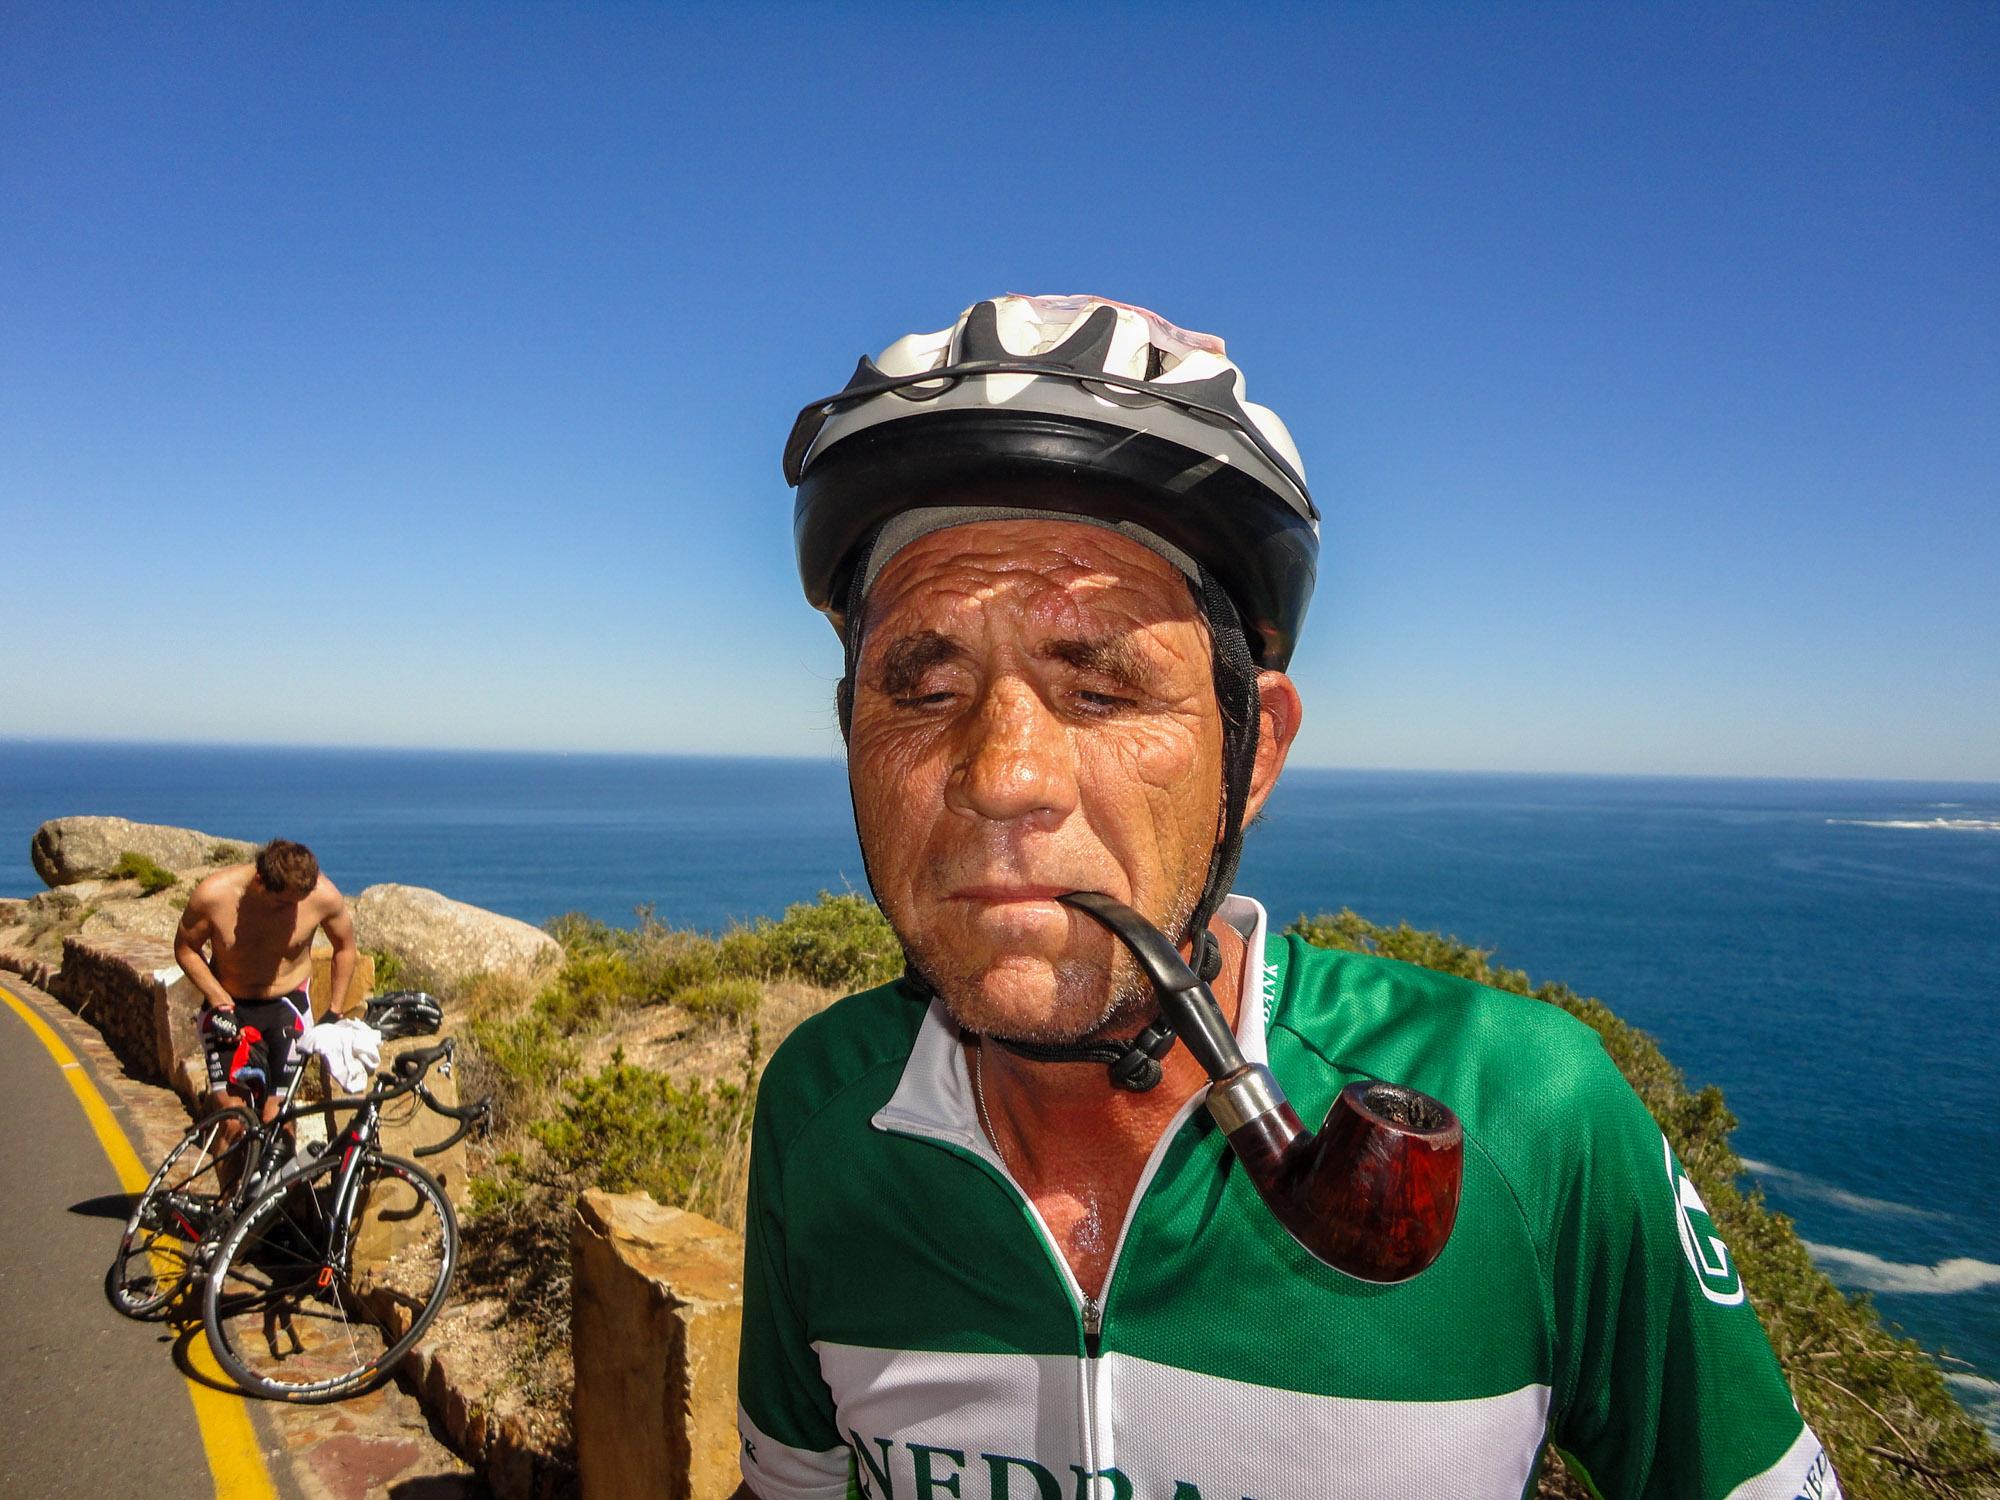 Ein Fahrradfahrer macht eine Pause und raucht dabei eine Pfeife